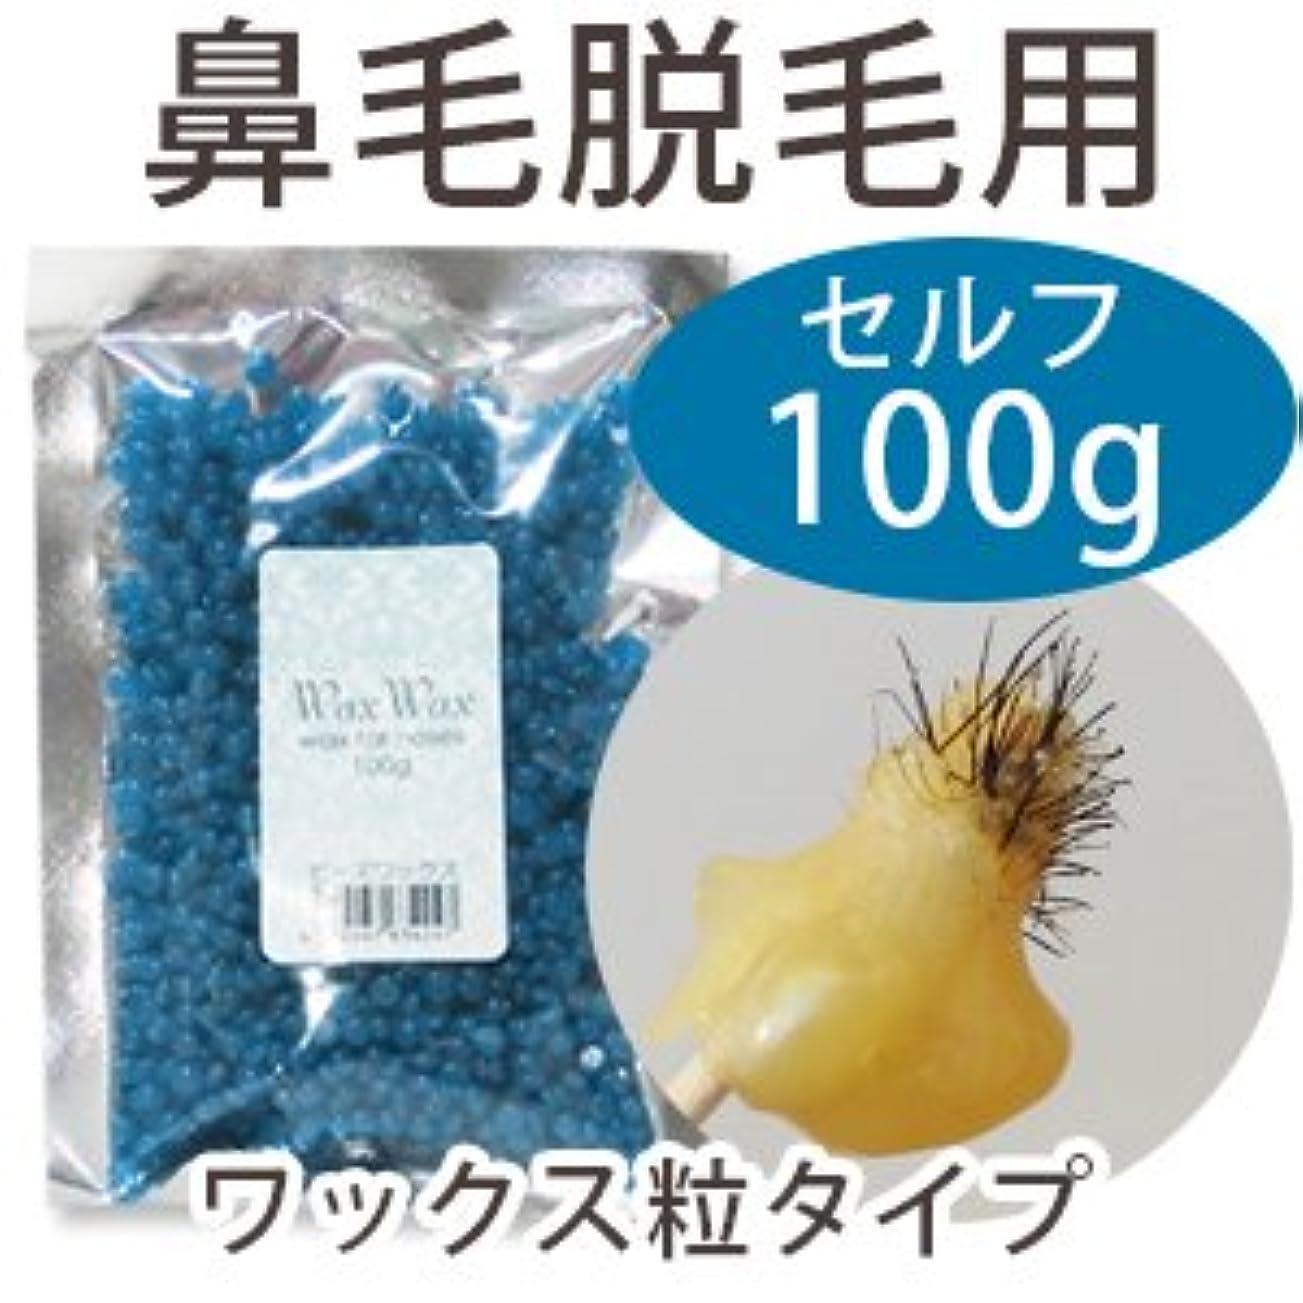 正当なパターン速い鼻毛 産毛 脱毛 ビーズ ワックス (ブルー 100g)